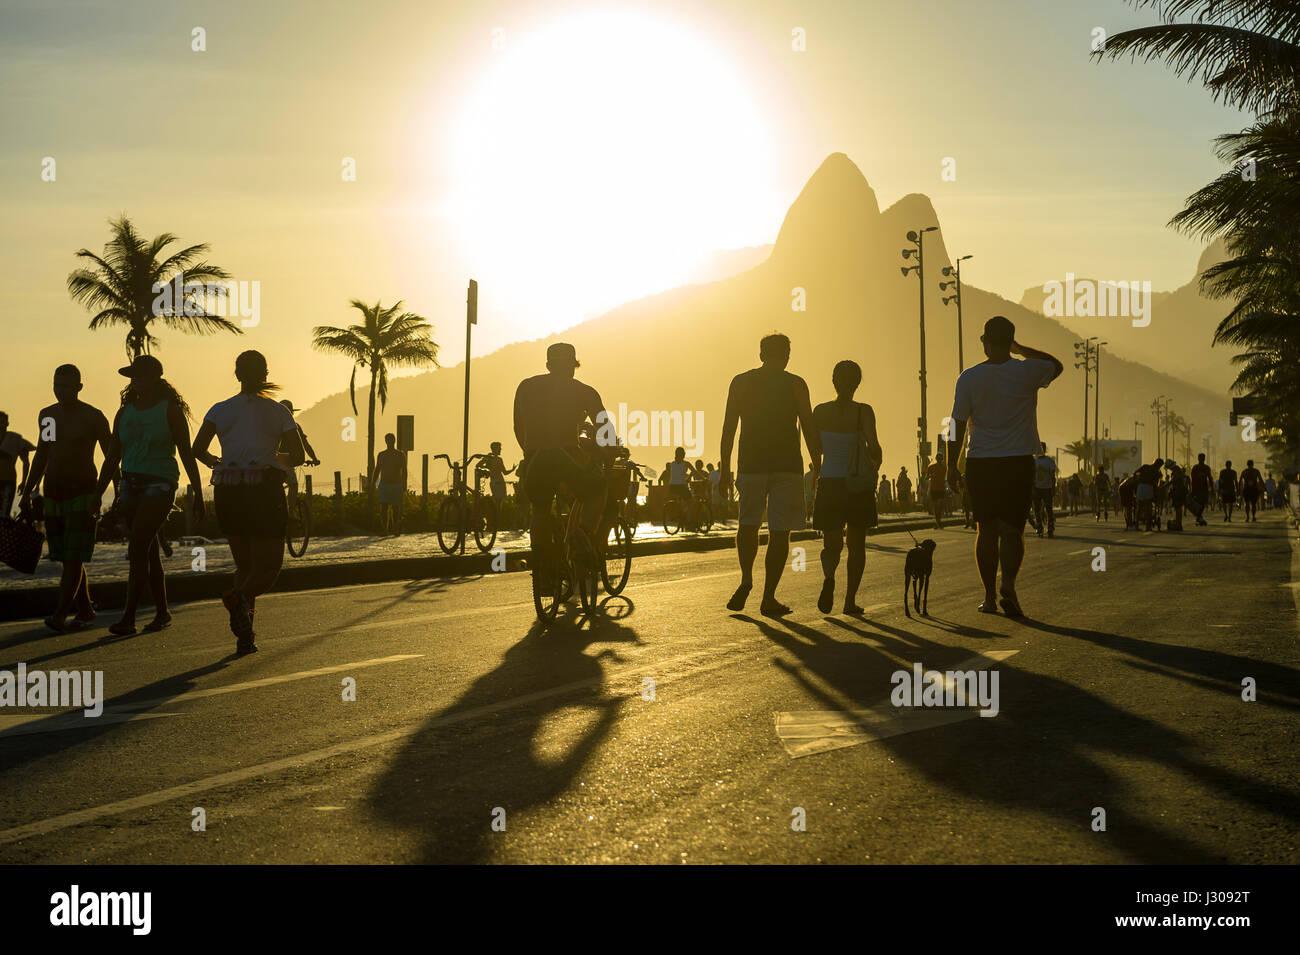 RIO DE JANEIRO - 12. Februar 2017: Silhouetten der Brasilianer schlendern Sie entlang der Strandpromenade Avenida Stockbild